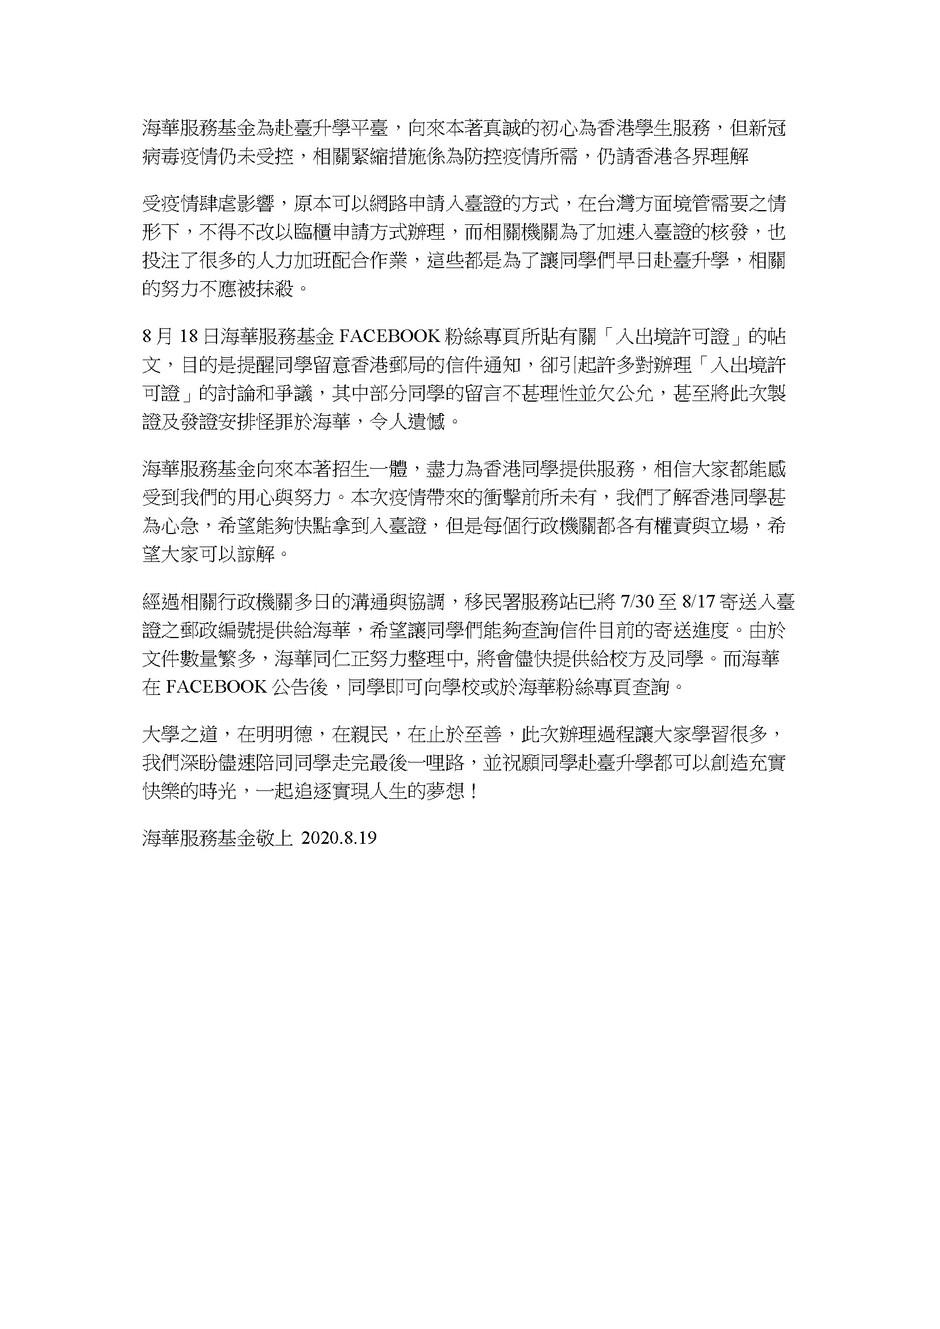 海華服務基金為赴臺升學平臺,本著真誠的初心為香港學生服務。